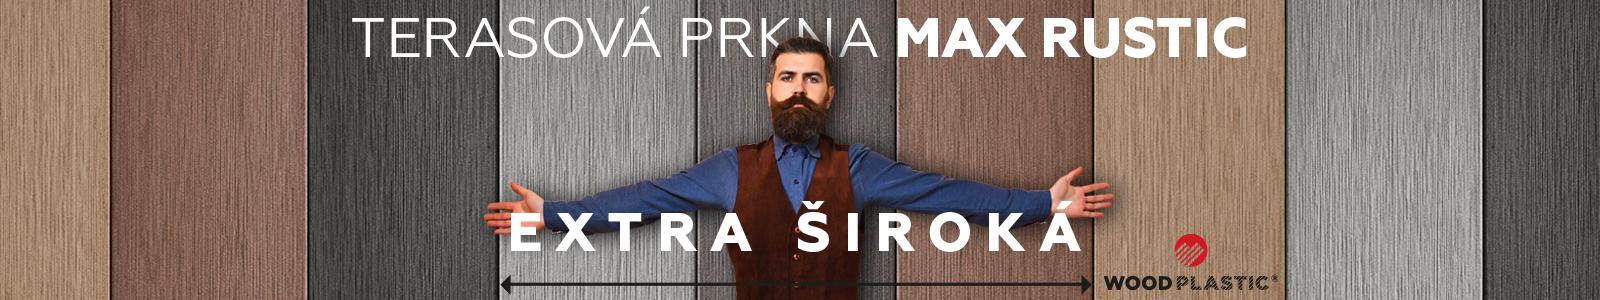 terasova-prkna-woodplastic